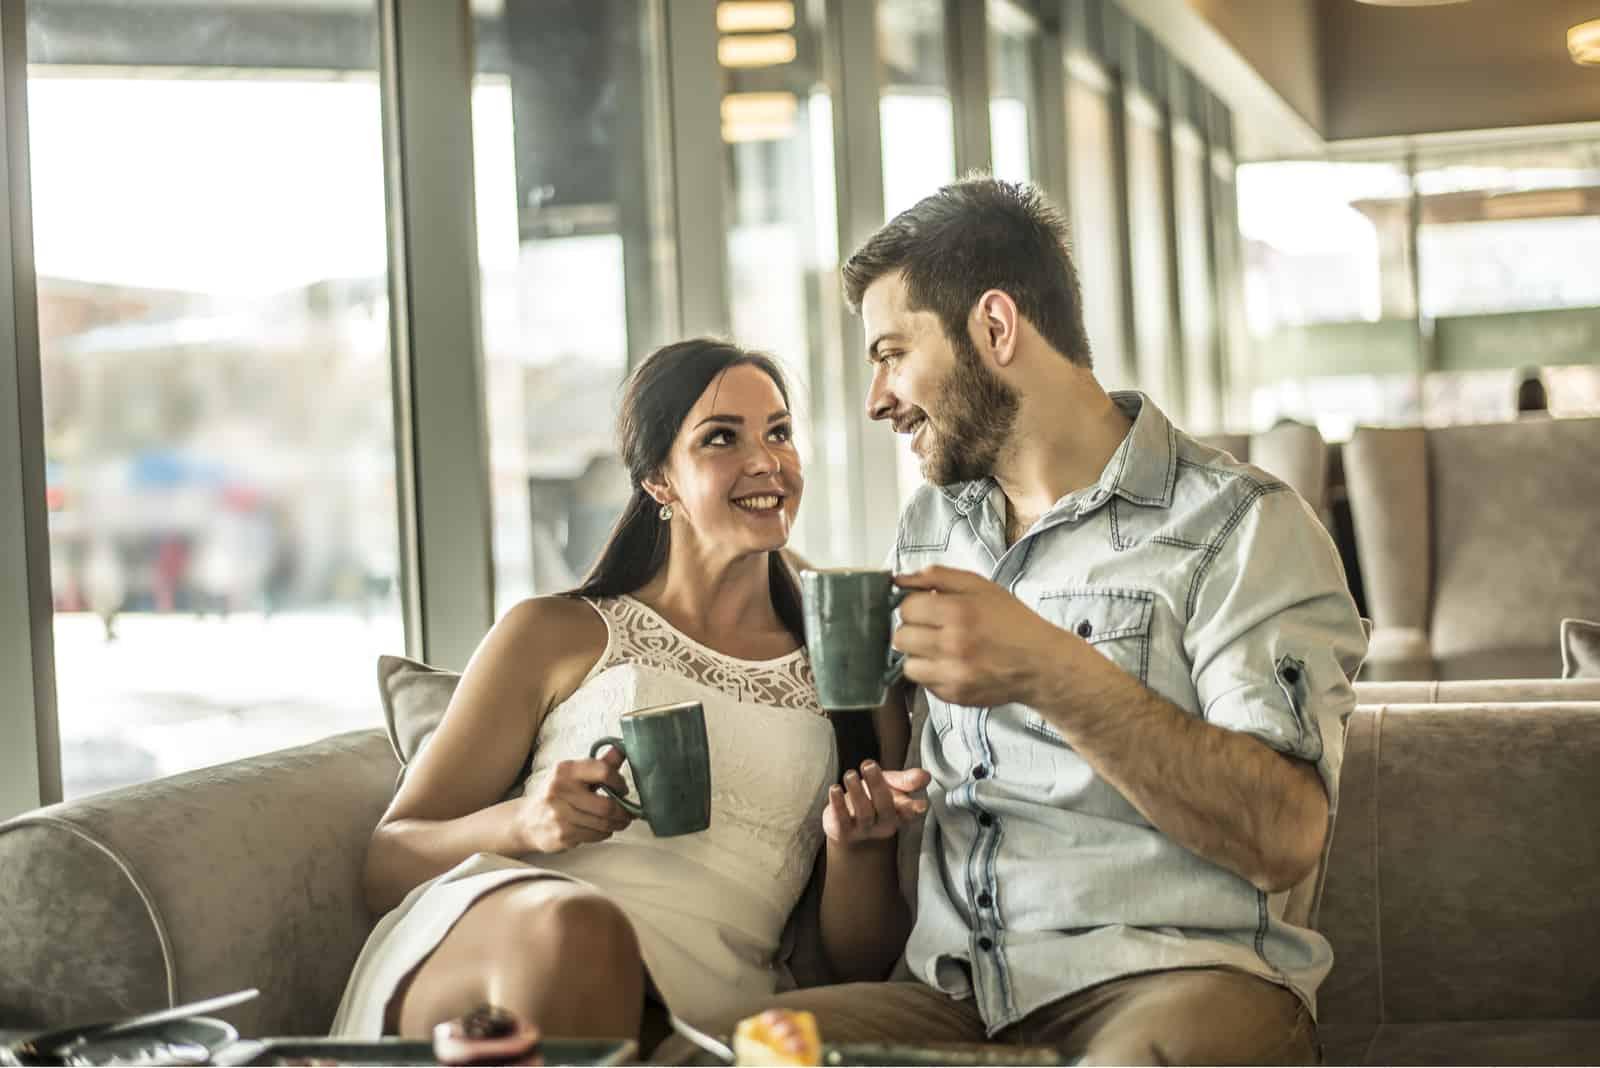 un homme et une femme s'assoient sur le canapé et boivent du café